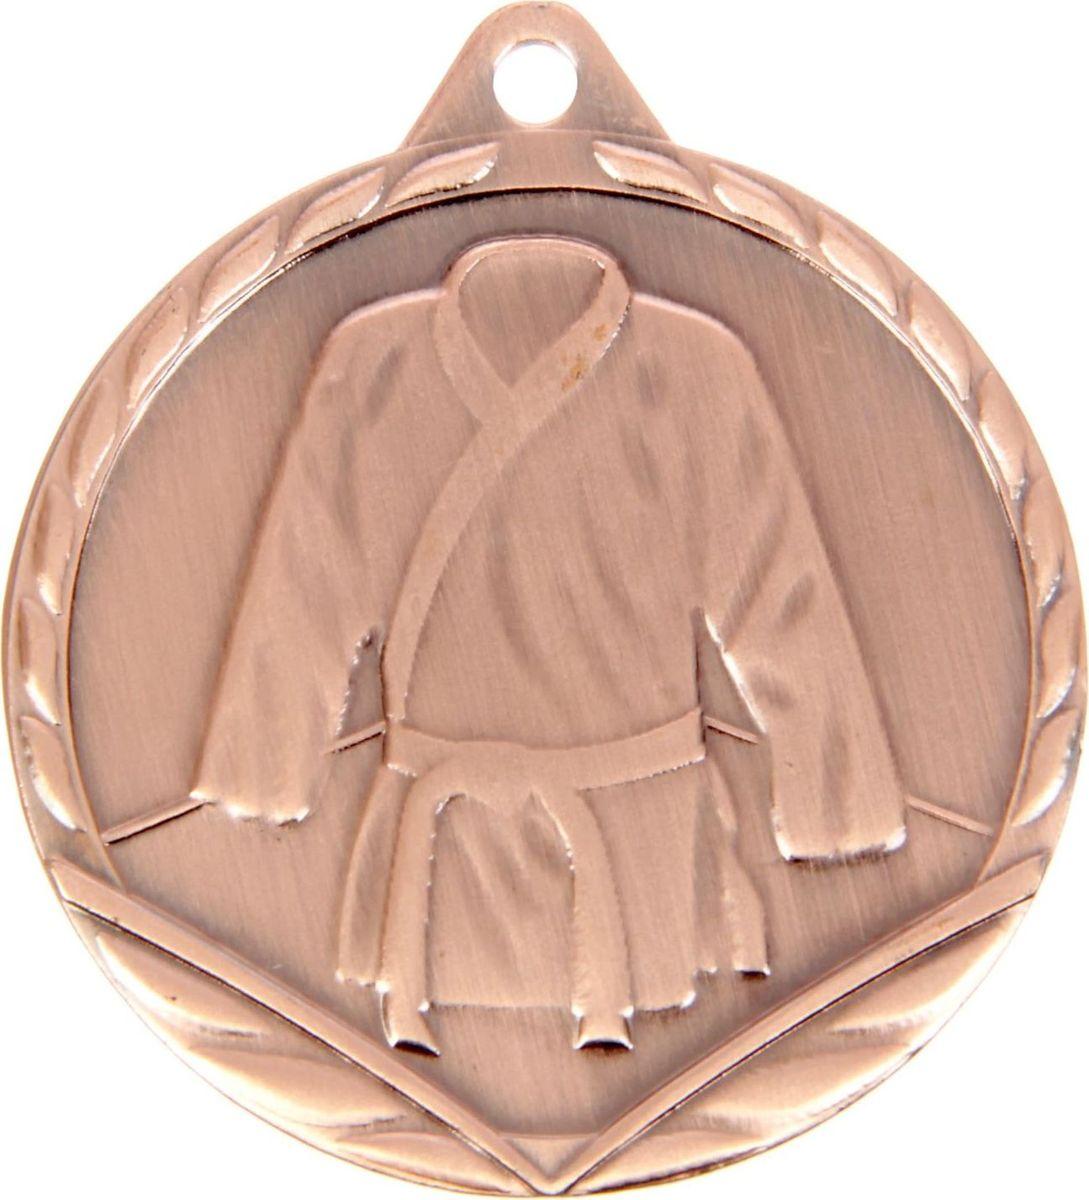 Медаль сувенирная Дзюдо, цвет: бронзовый, диаметр 4,5 см. 13877291387729Медаль под бронзу Дзюдо - достойный сувенир за отличные достижения. Эффектная фигурная медаль станет отличной наградой и порадует получателя. Медаль поможет ярко и необычно поздравить спортсмена и сохранит приятные воспоминания.